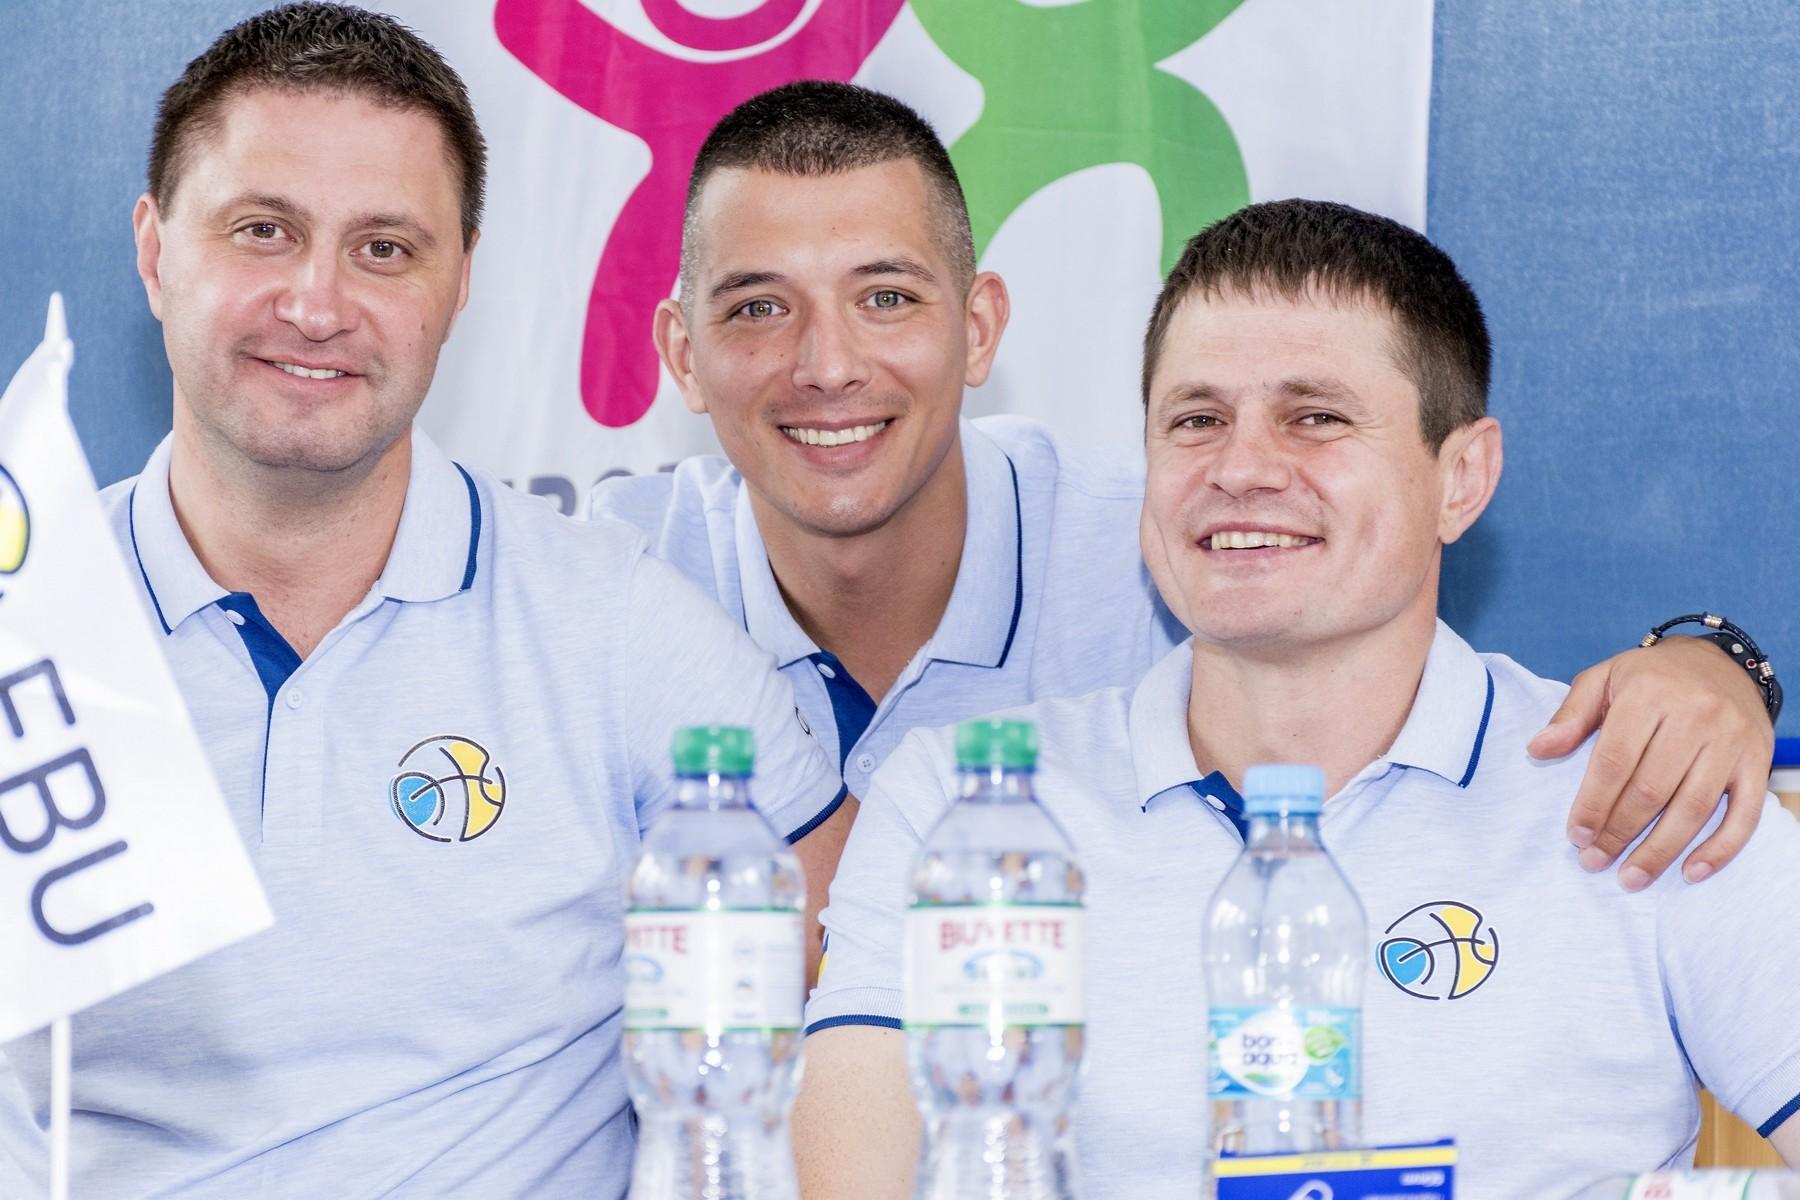 Суддівський семінар у Миколаєві: нові баскетбольні тенденції